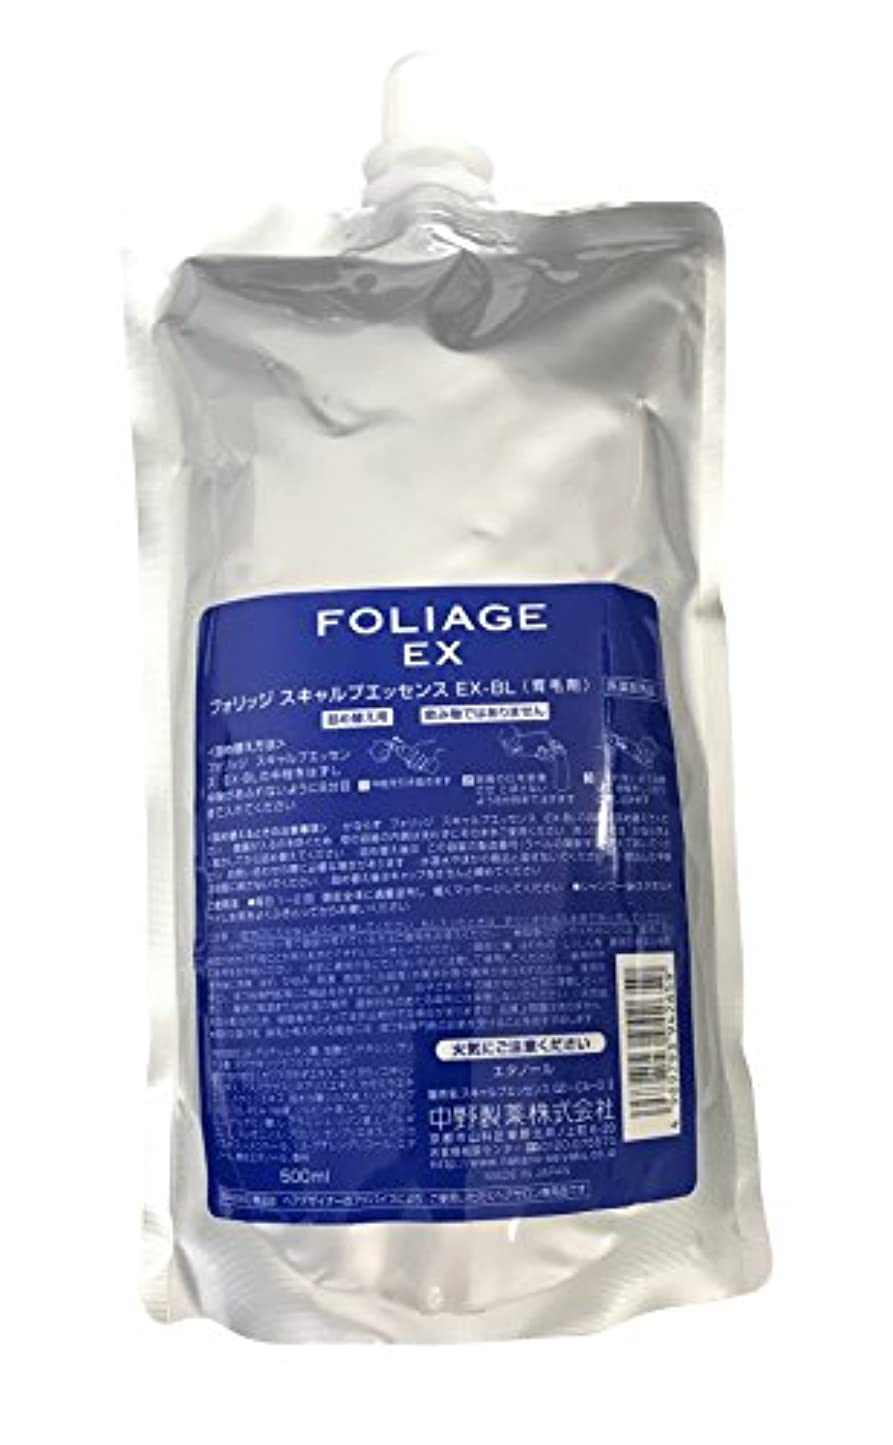 化合物退却綺麗な中野製薬 フォリッジ スキャルプエッセンス EX-BL 500ml [医薬部外品]